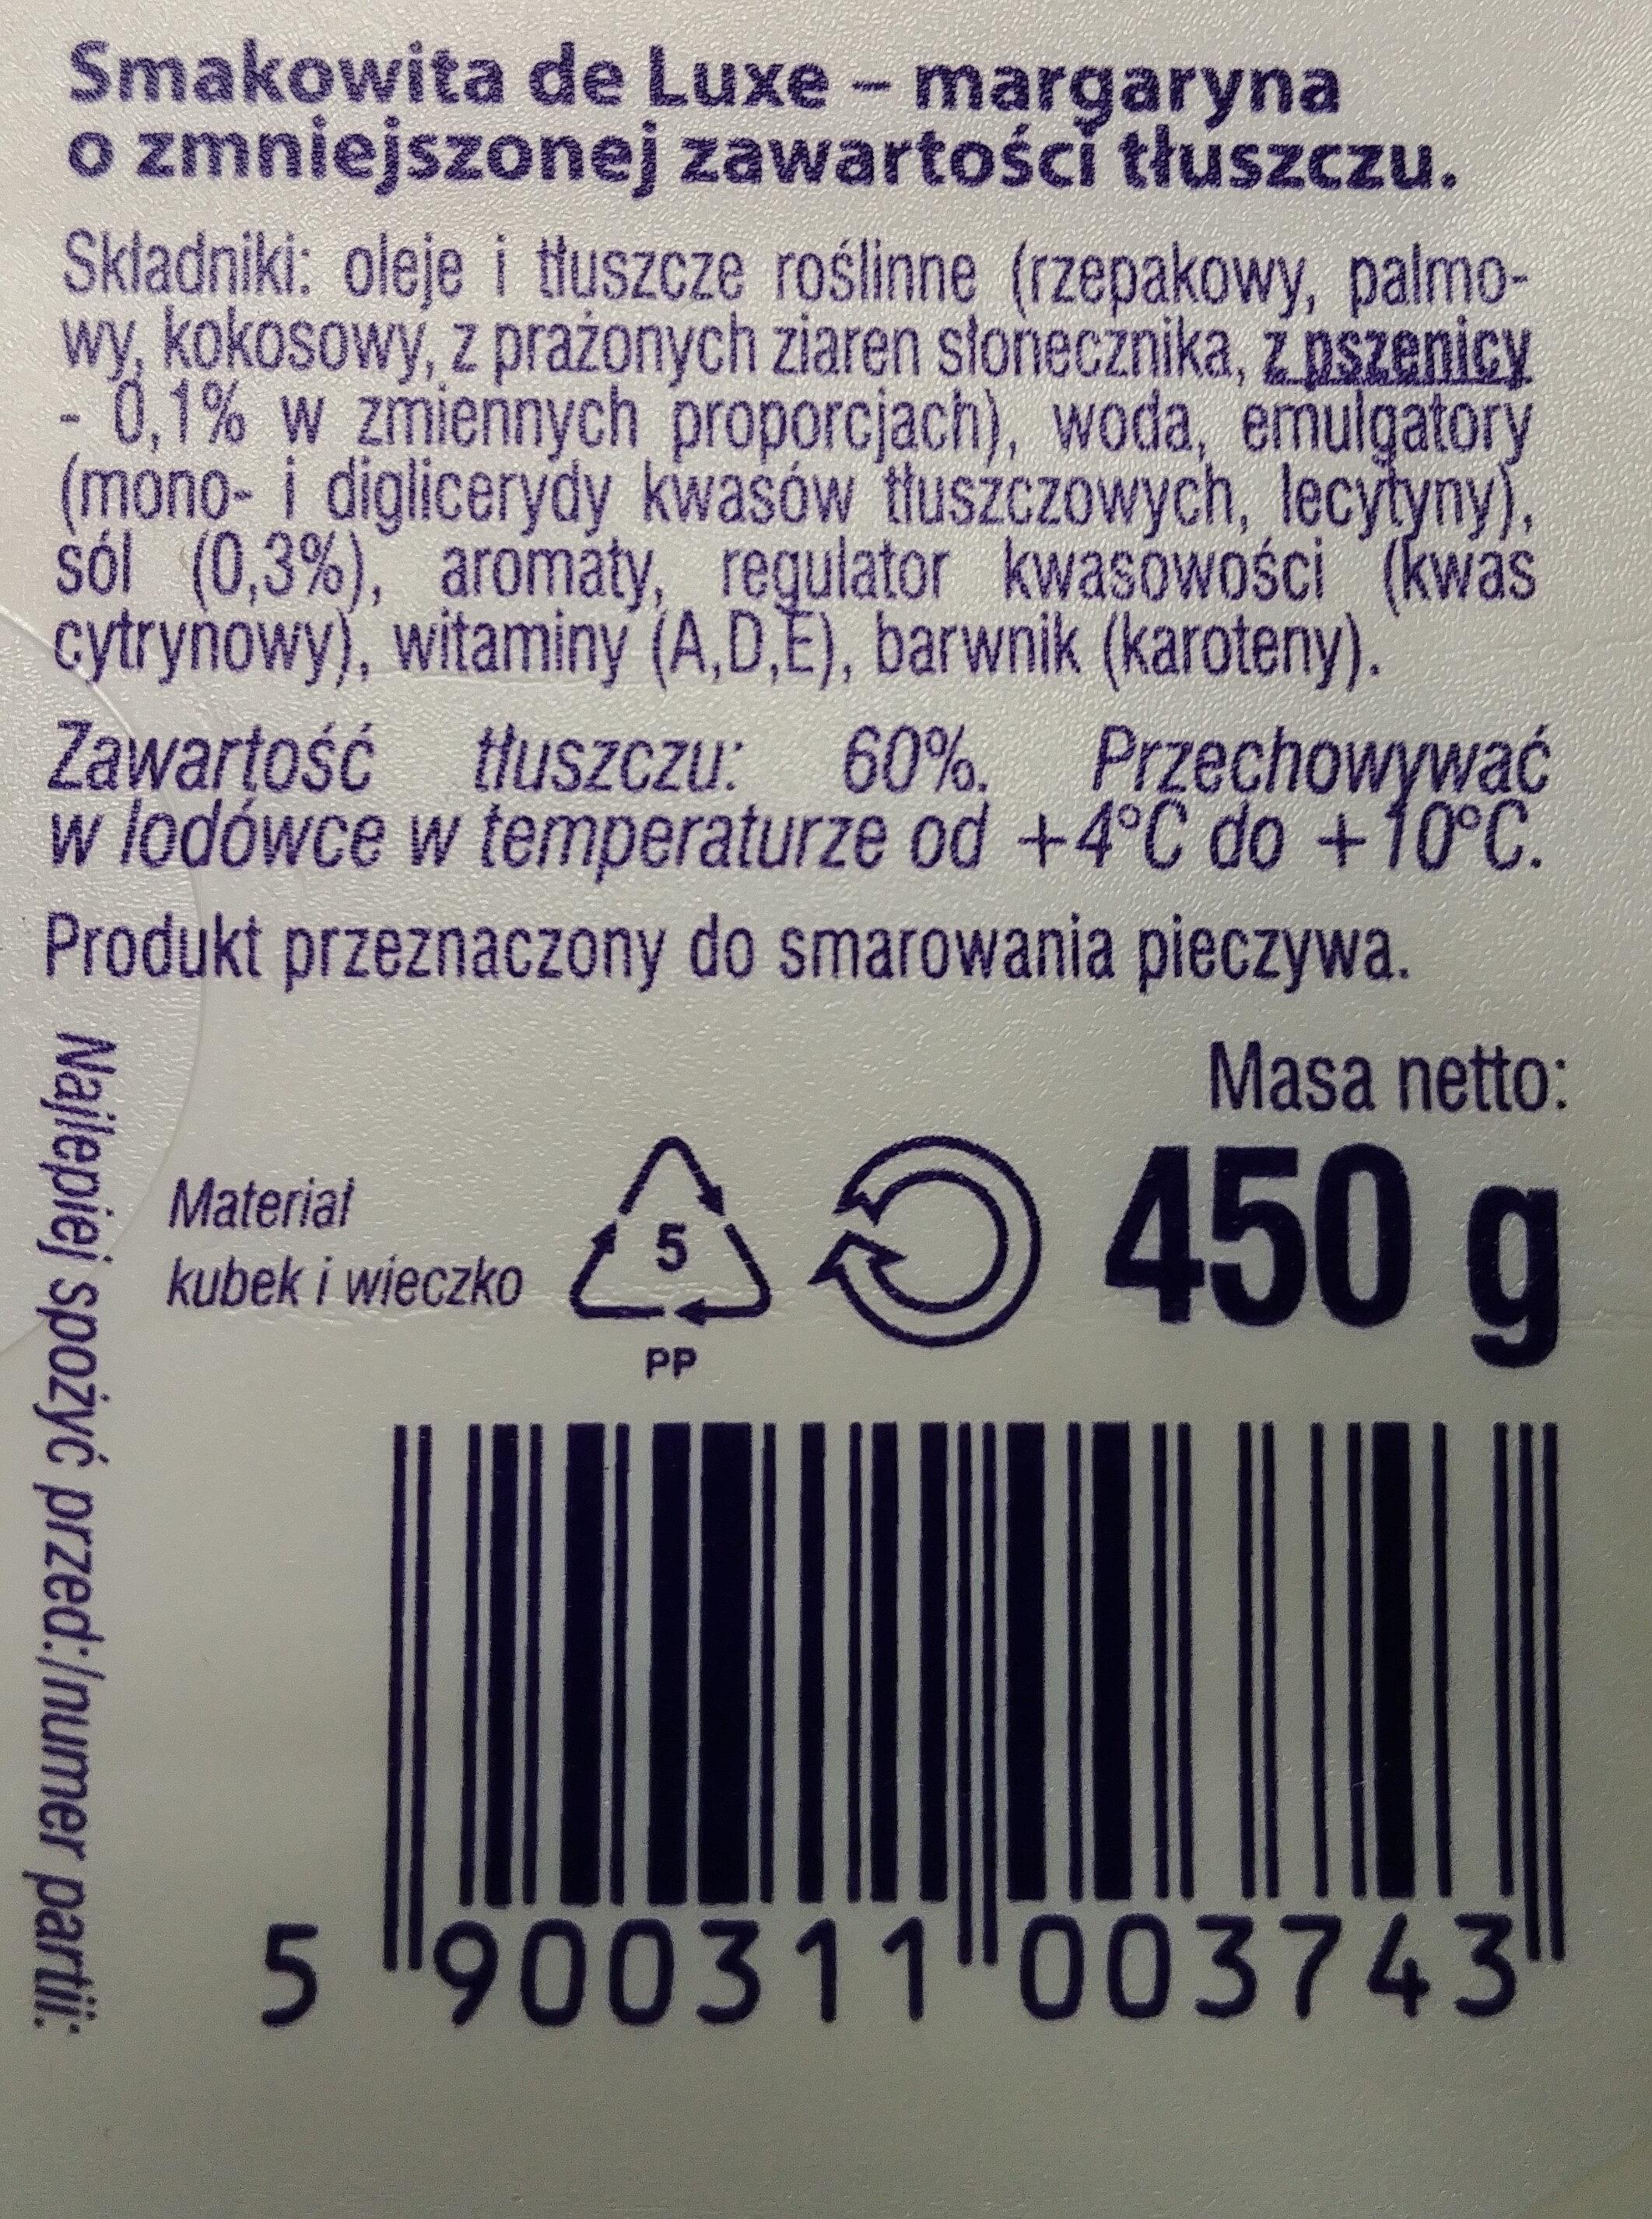 Margaryna o zmniejszonej zawartości tłuszczu - Składniki - pl